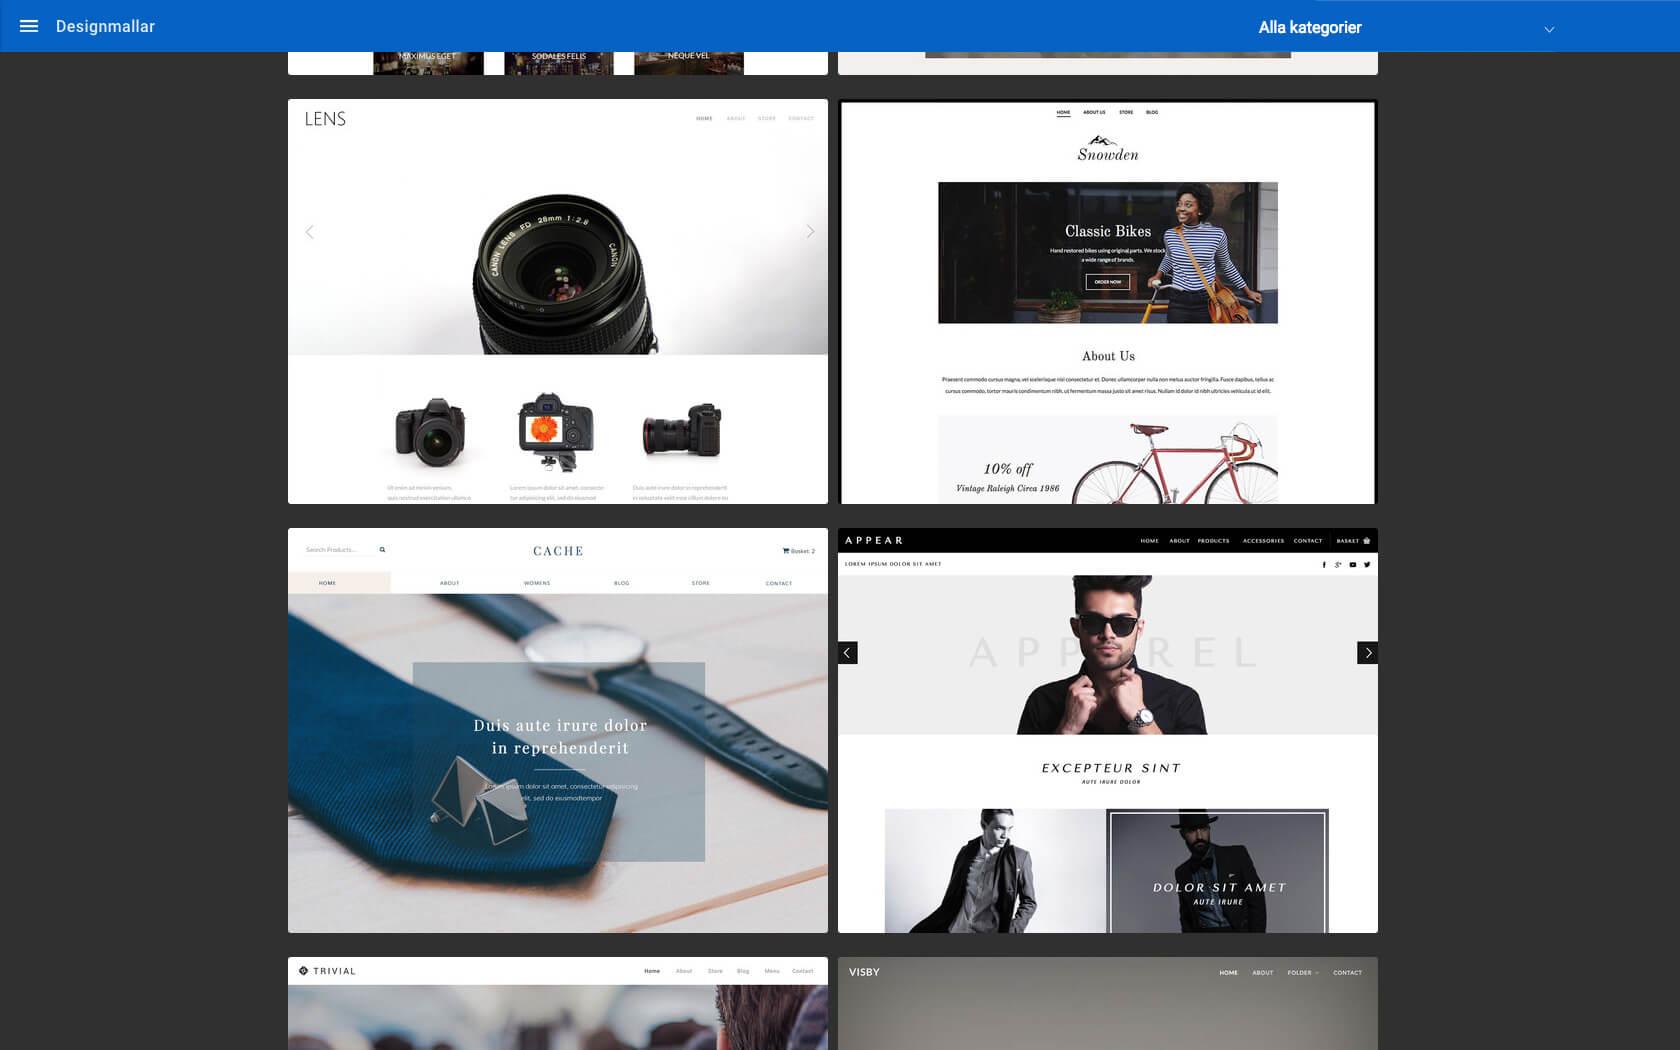 Lens, Snowden, Cache, Appear – Fire eksempler på Surftown Sitebuilders skabeloner som er specielt tilegnede til webshops.